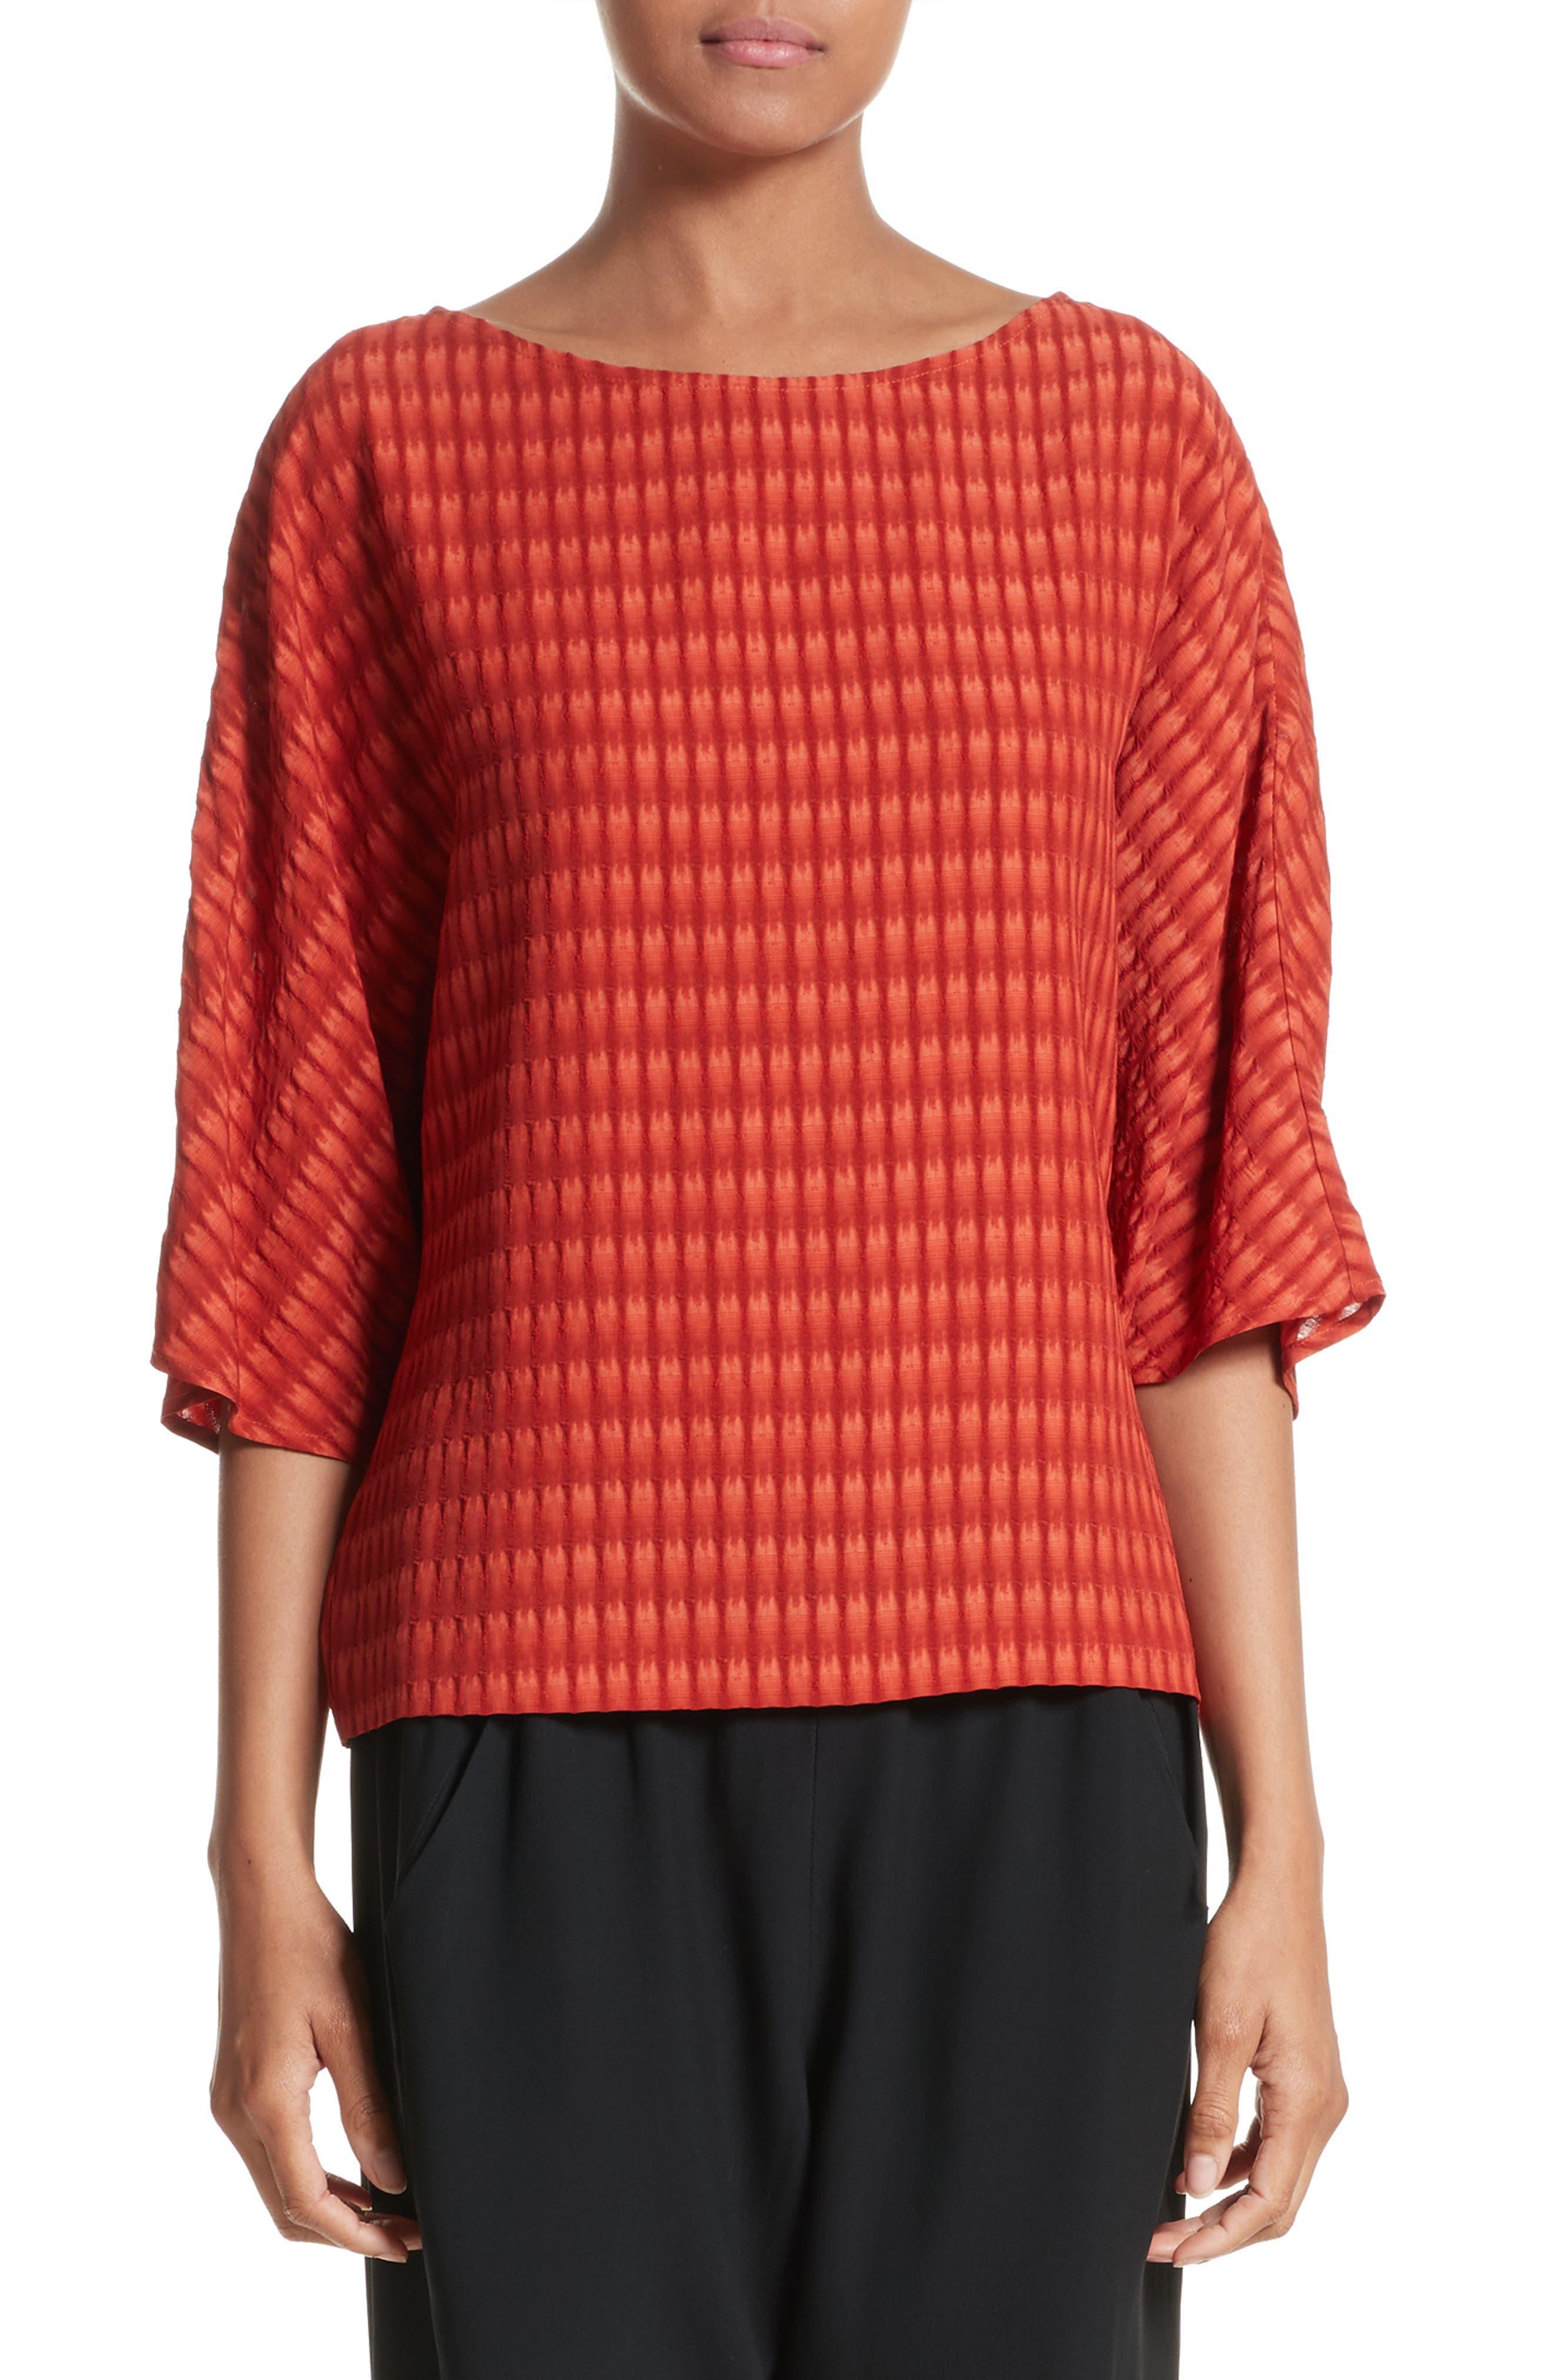 Vero Batik Plaid Top,                         Main,                         color, Saffron Red